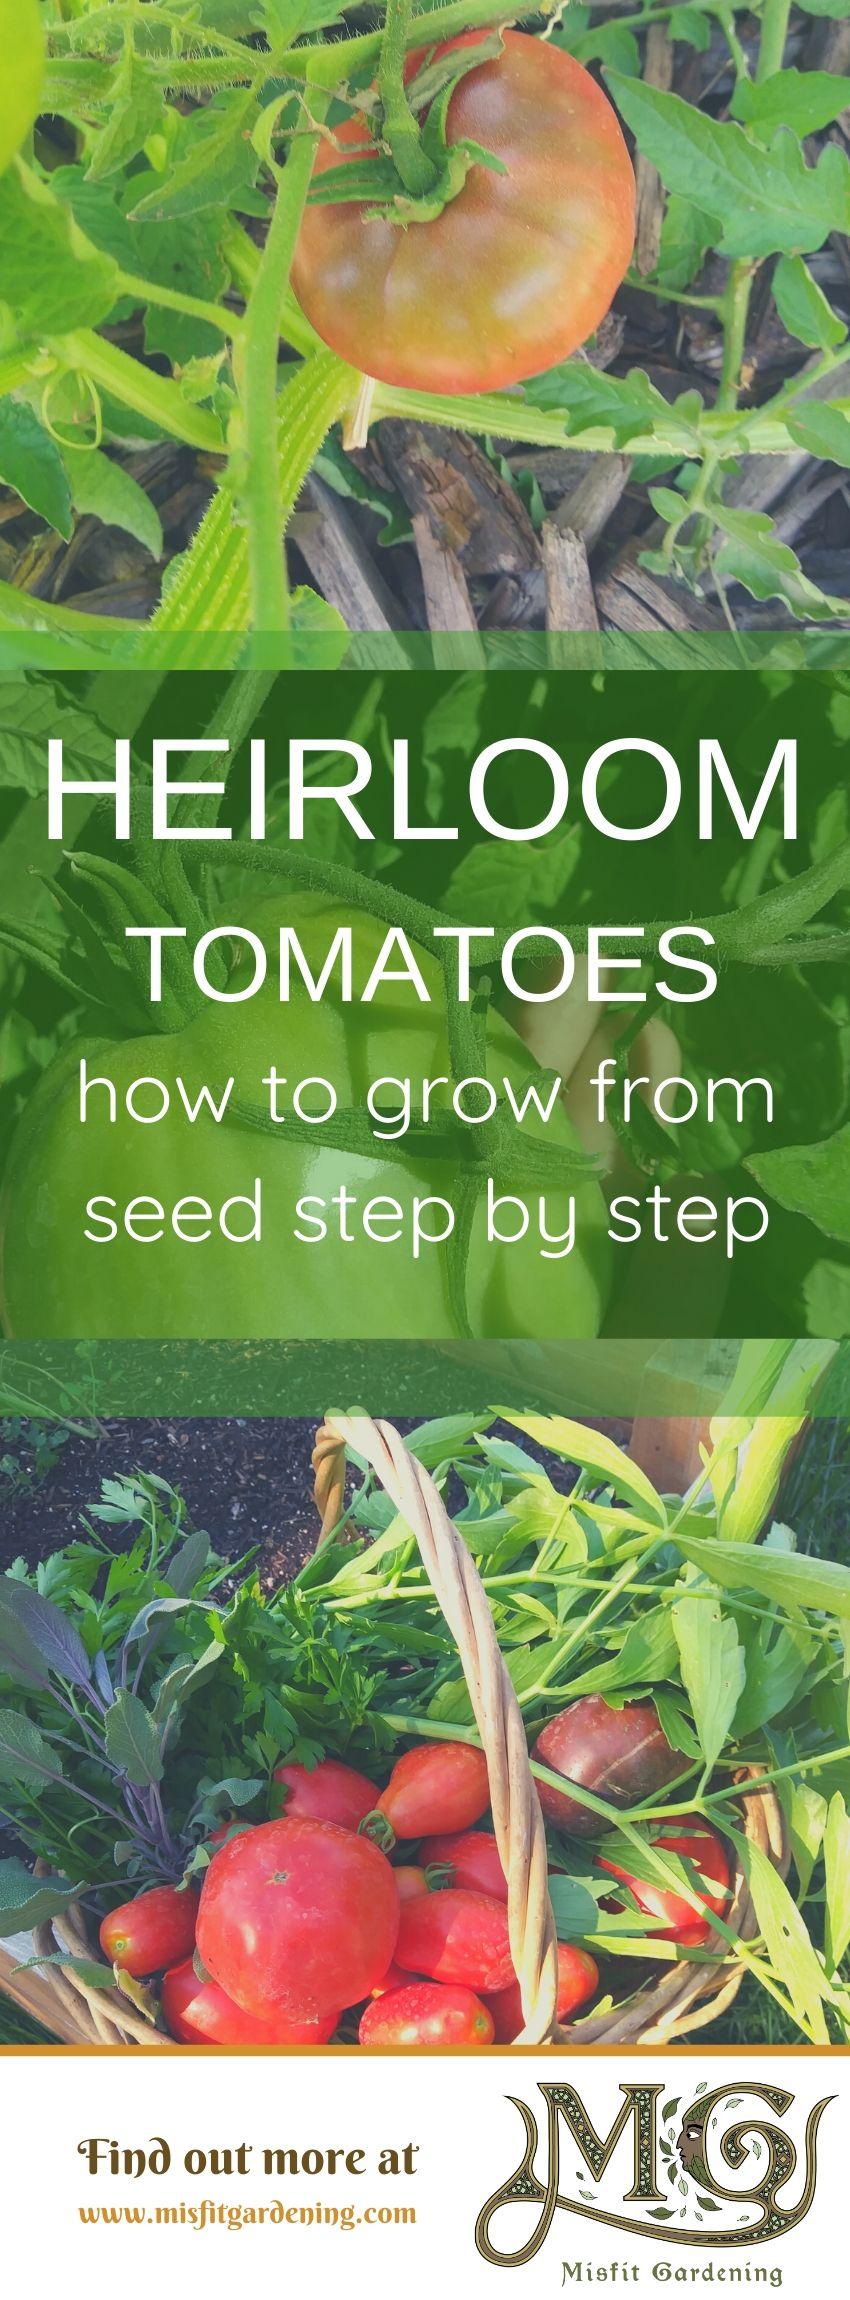 Finden Sie heraus, wie Sie Erbstücktomaten in Ihrem Garten anbauen und wie Sie sie aus Samen anbauen. Klicken Sie hier, um mehr über den Anbau von Tomaten zu erfahren, oder stecken Sie ihn fest und speichern Sie ihn für später. #Garten #Nongmo #Haus